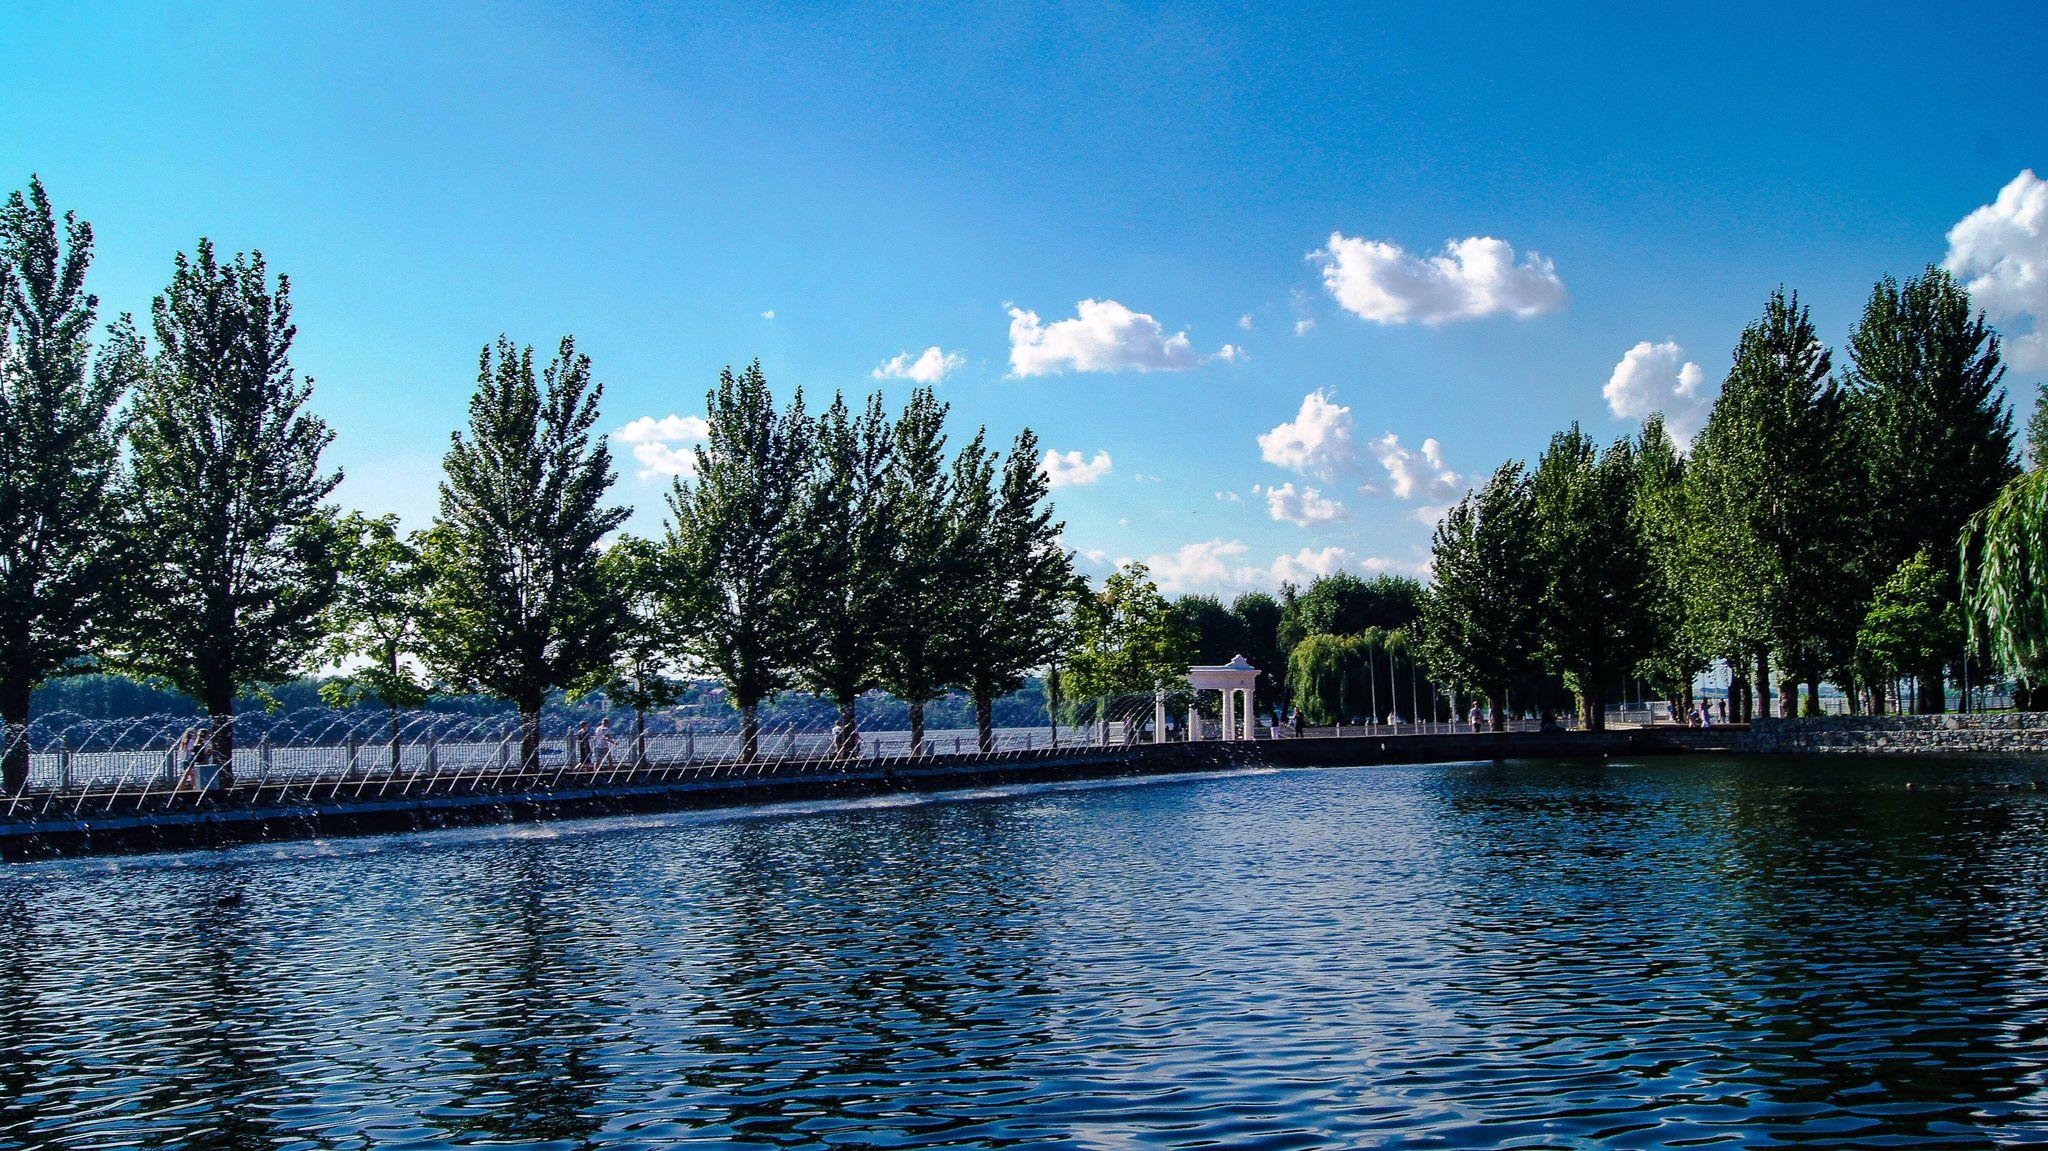 Як врятувати Тернопільське озеро? – Думка еколога